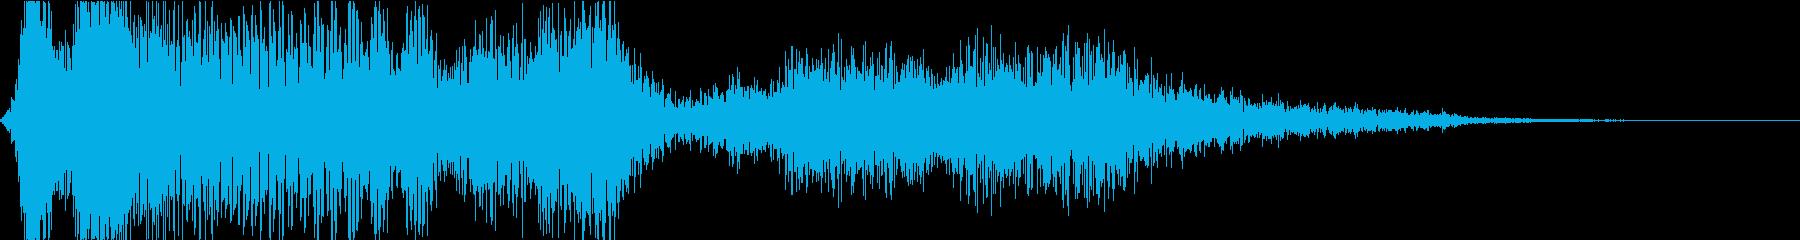 【映画】 トレーラーヒット_02 衝撃の再生済みの波形